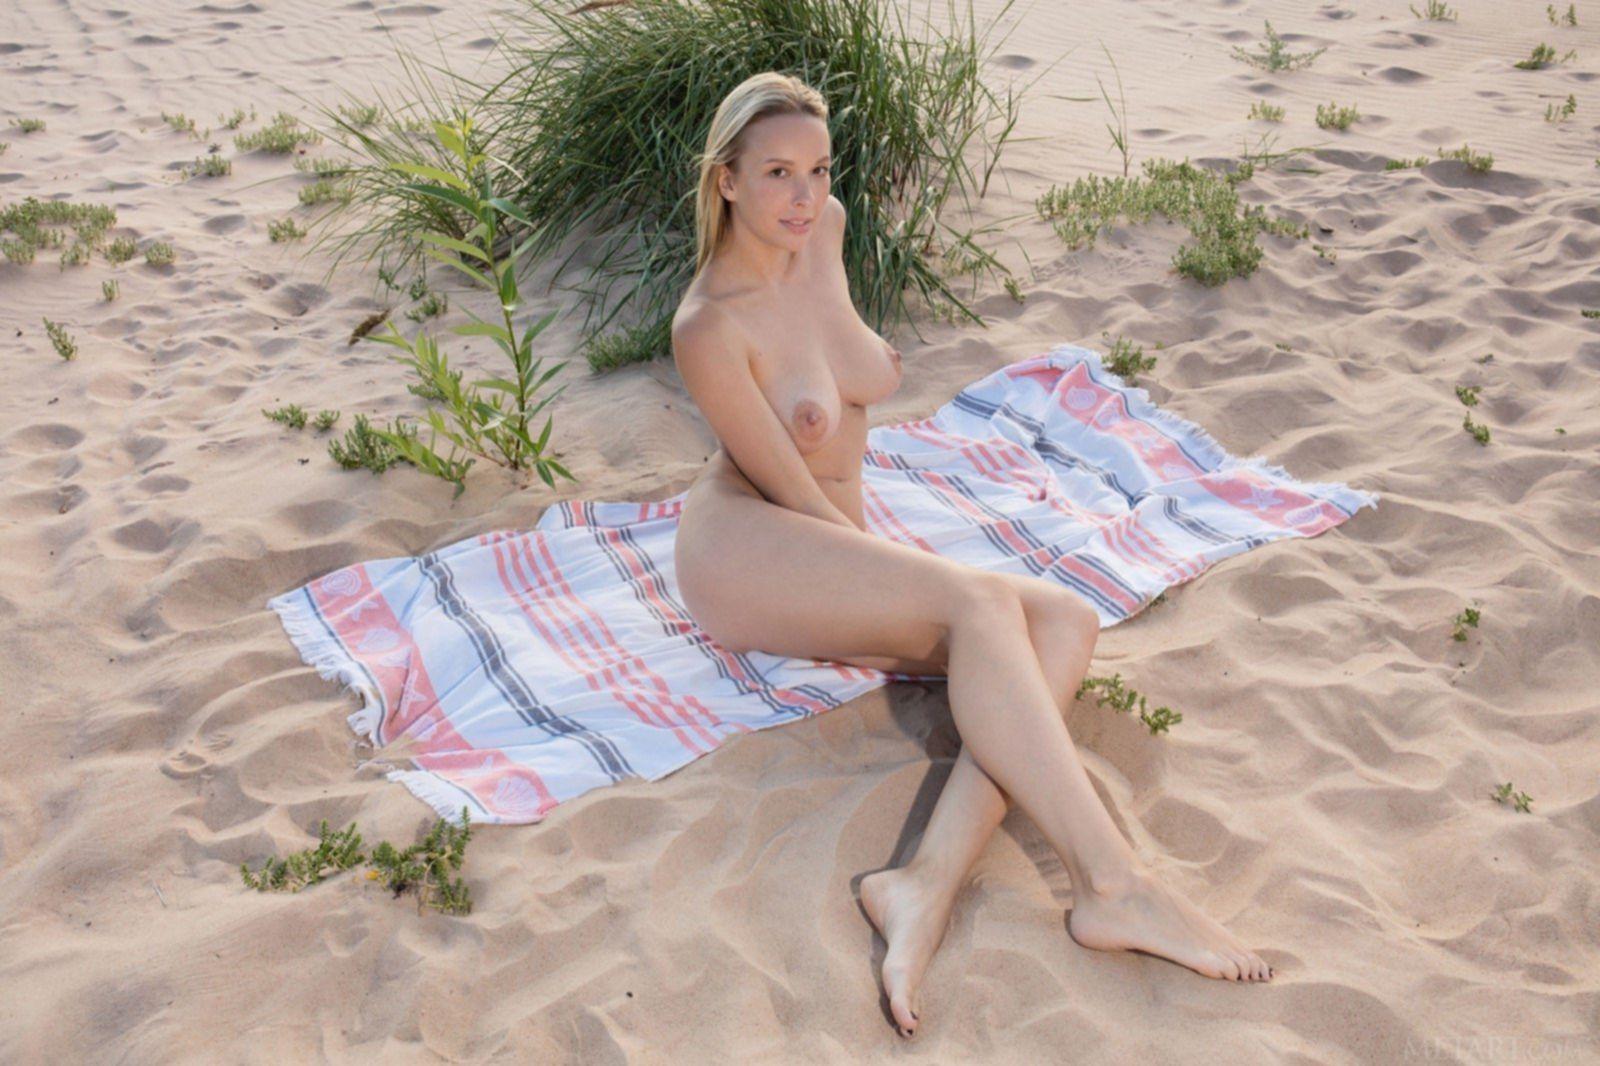 Красивая блондинка показывает сиськи на пляже - фото